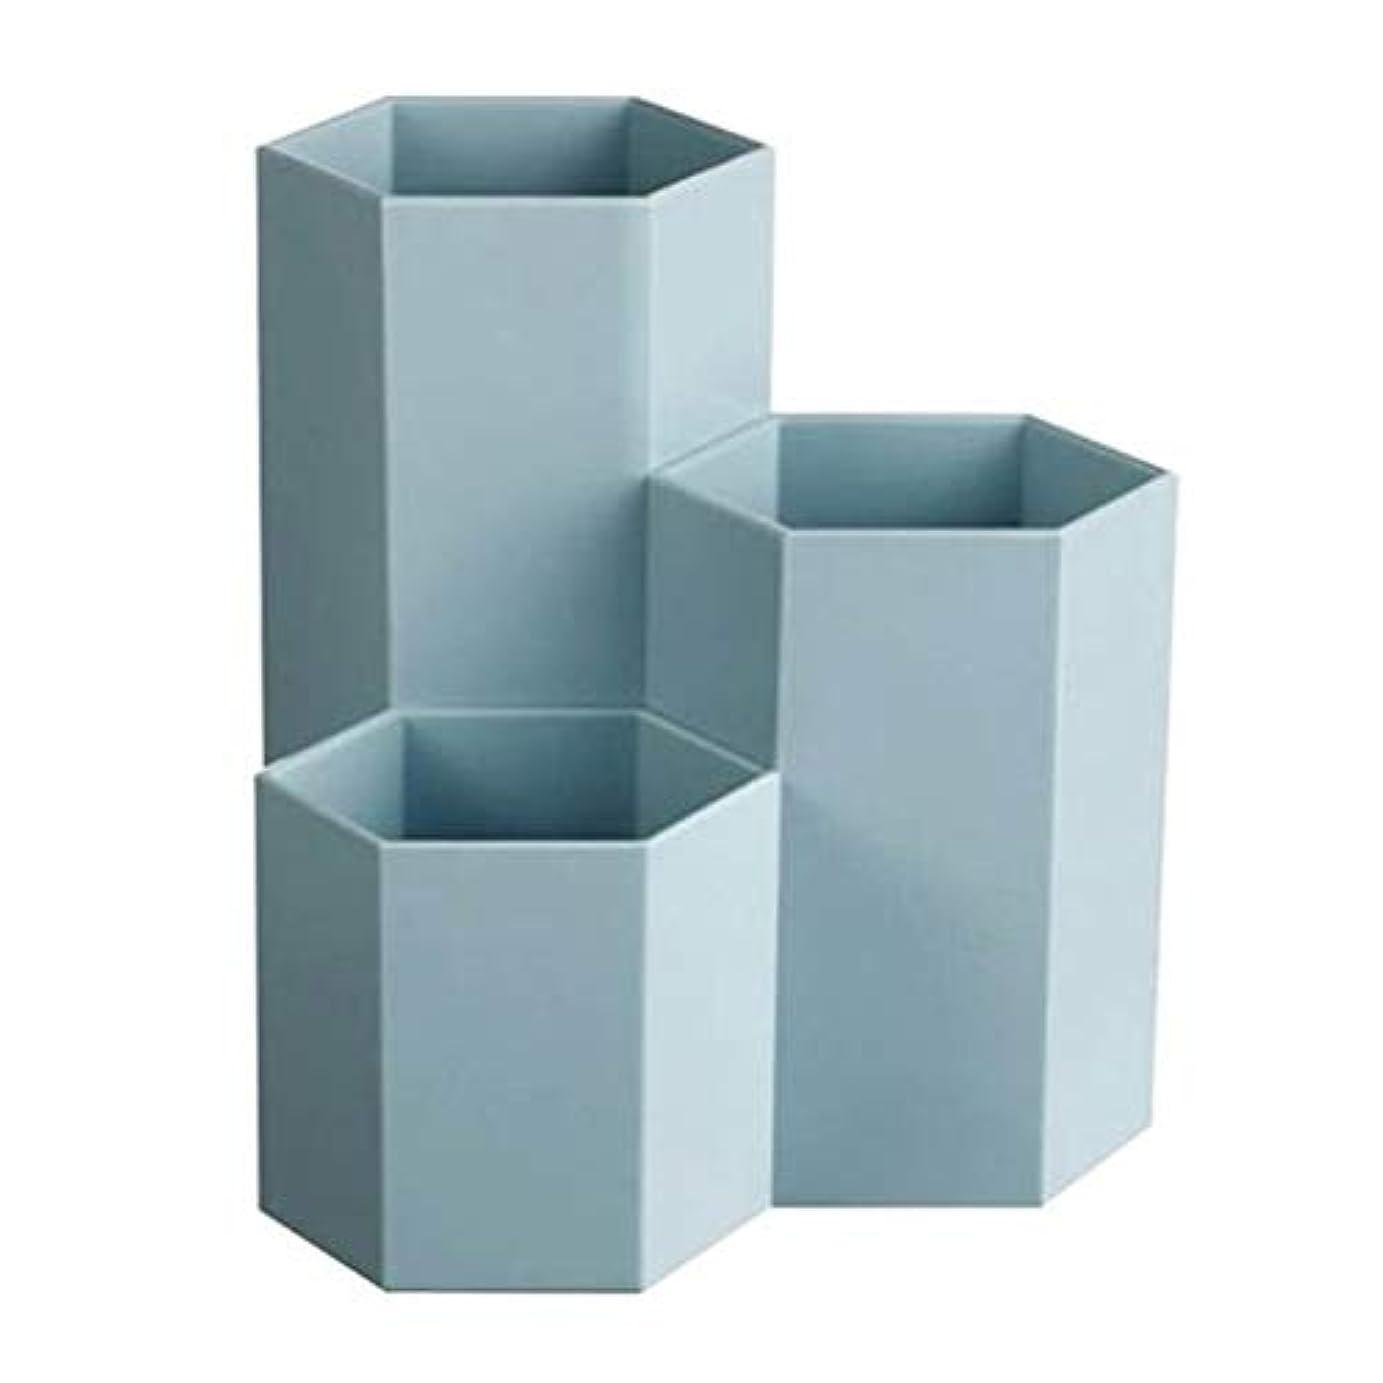 貪欲見えない土地TerGOOSE 卓上収納ケース メイクブラシケース メイクブラシスタンド メイクブラシ収納ボックス メイクケース ペンホルダー 卓上文房具収納ボックス ペン立て 文房具 おしゃれ 六角 3つのグリッド 大容量 ブルー